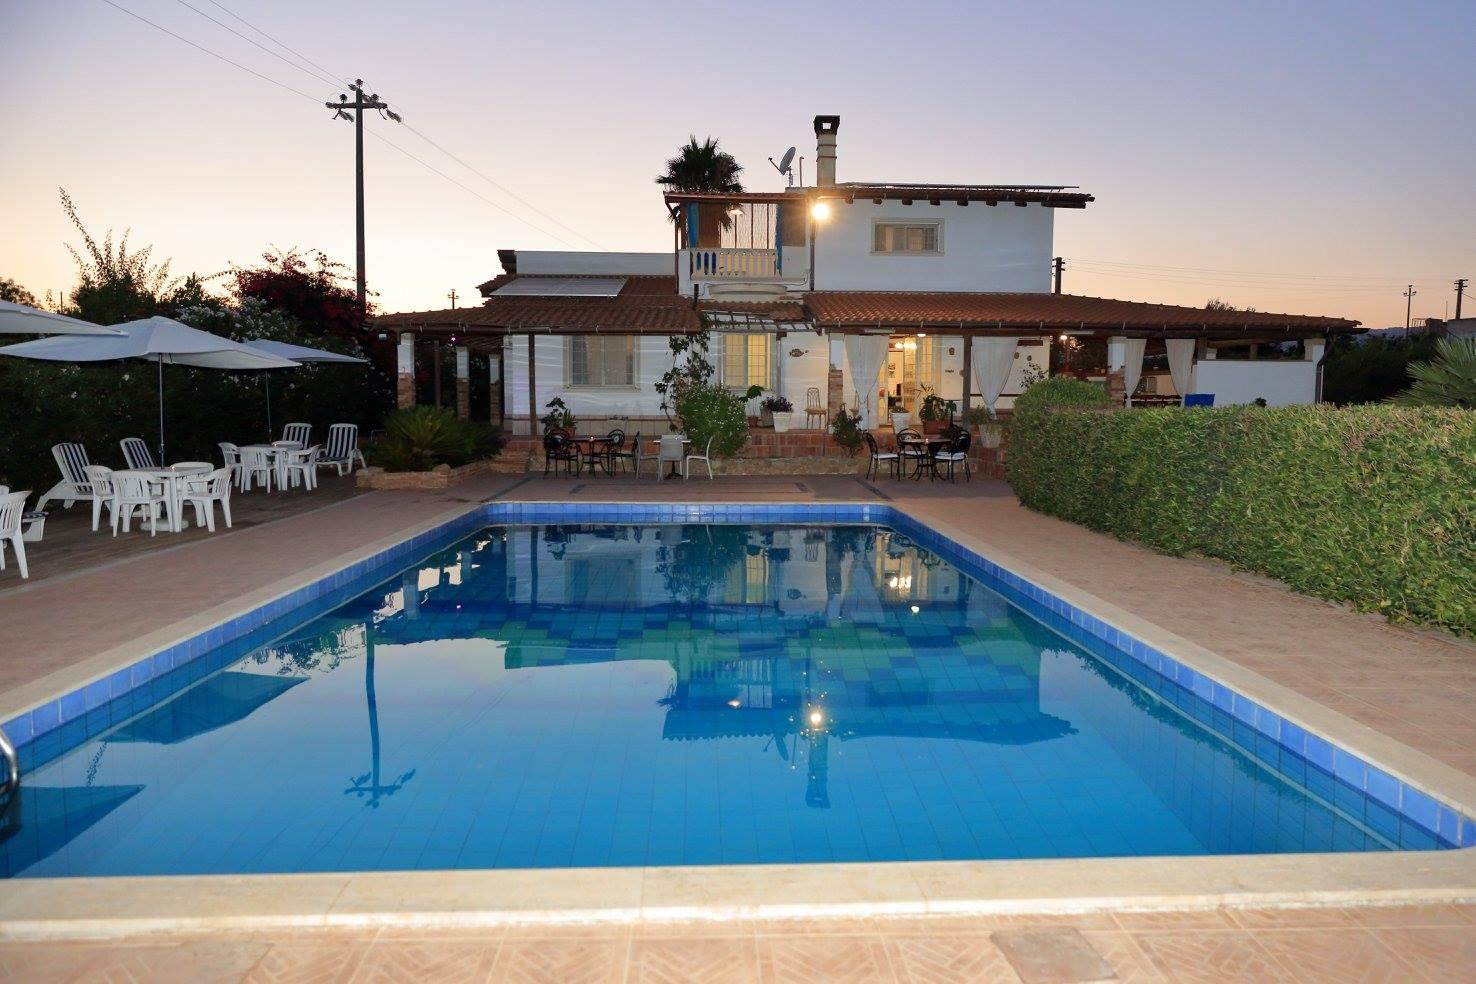 Il_Mandorleto_Val_di_noto_resort_avola_siracusa_b&b_Noto_villa_con_piscina_!9